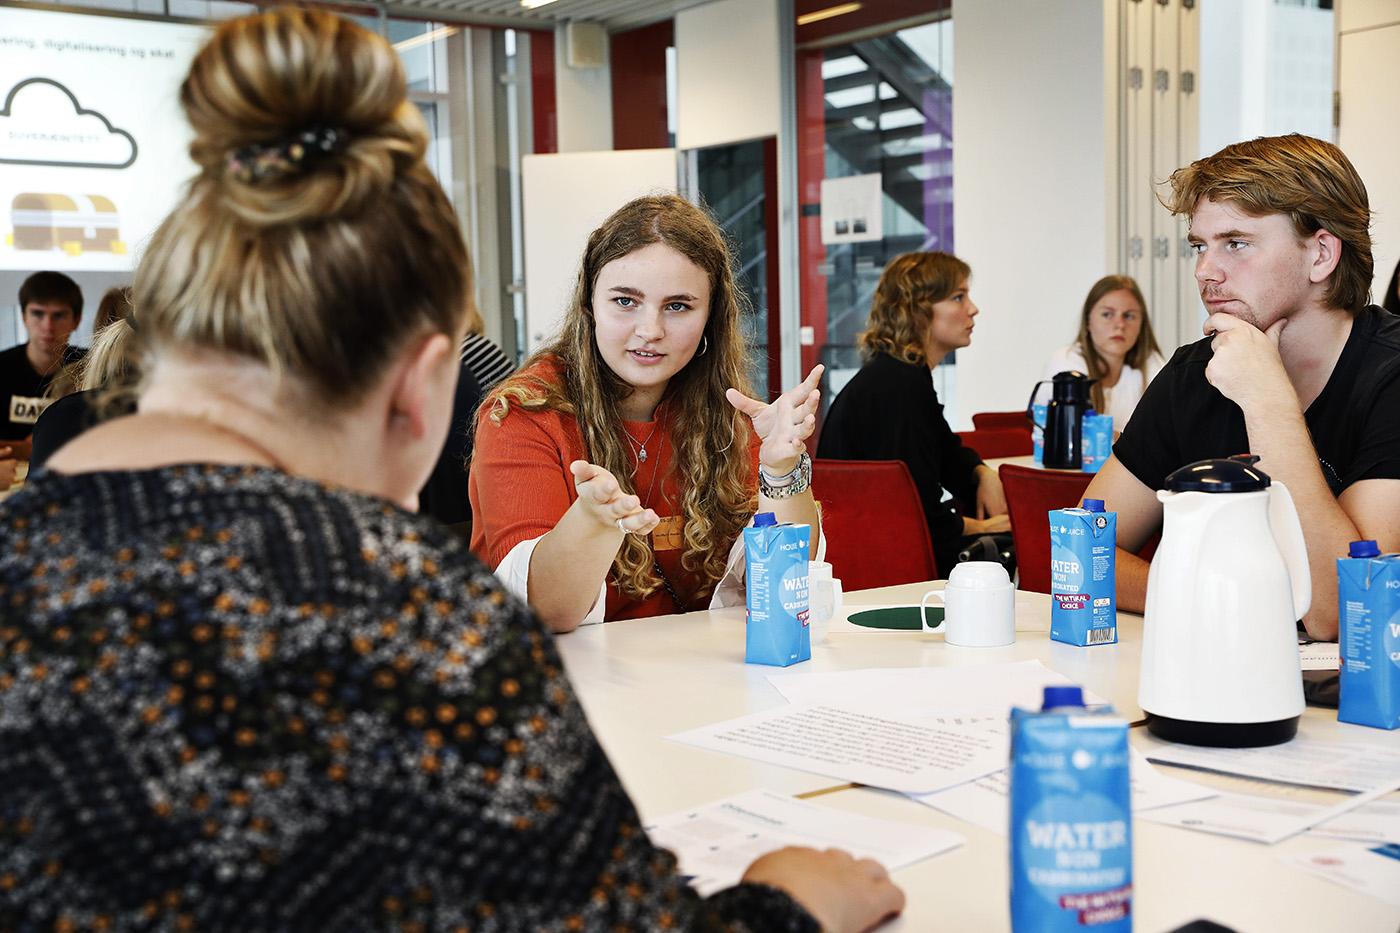 Tirsdag den 11. september 2018 blev der diskuteret globalisering og klima i Alsion i Sønderborg. Det inviterede panel bestod af 80 unge mellem 18 og 25 år.